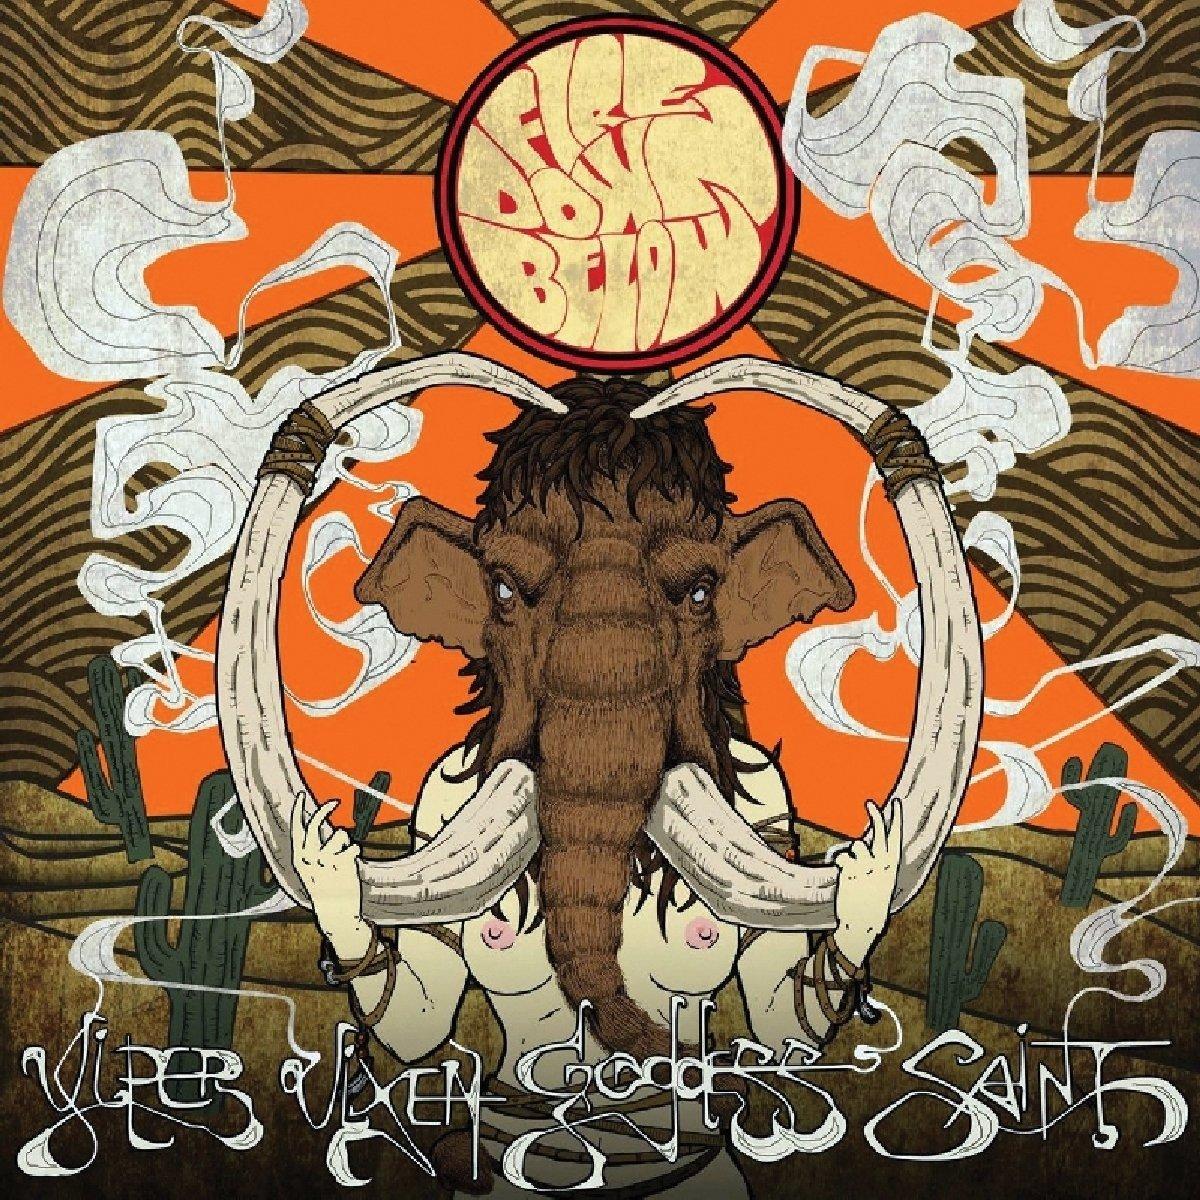 Fire Down Below - Viper Vixen Goddess Saint (LP Vinyl)